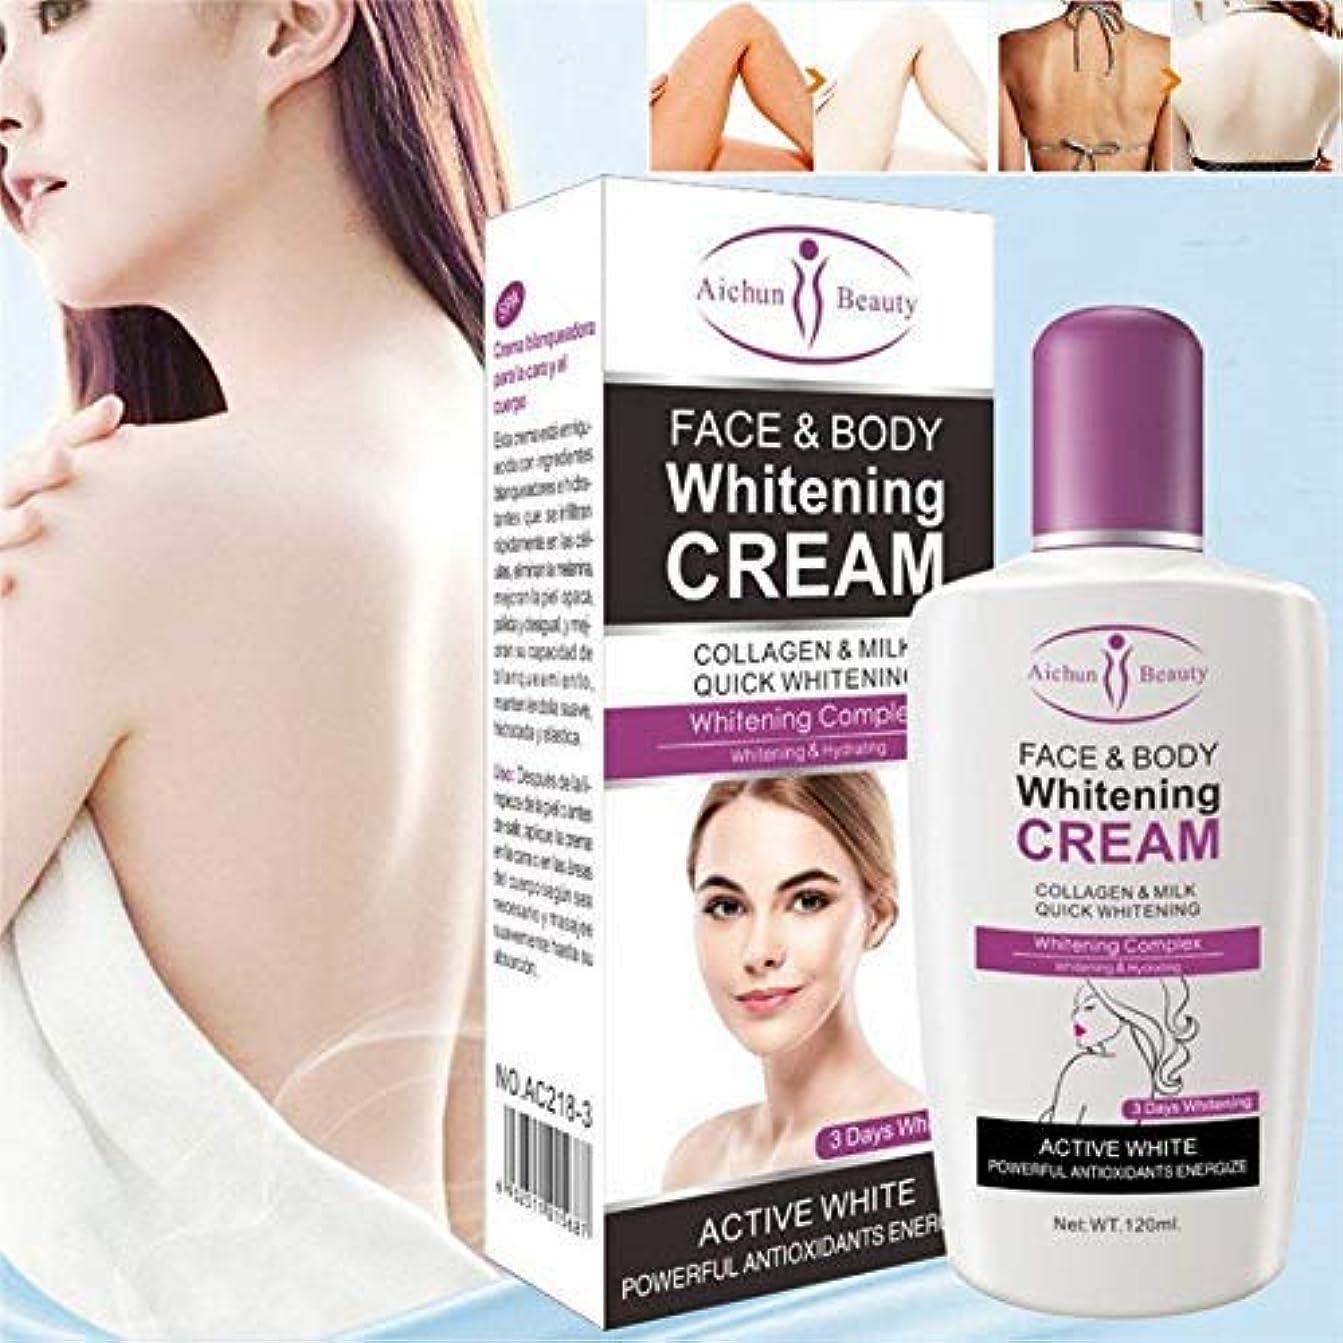 類人猿シンプルさ歌詞(最高の価格と品質)3個Aichunブリーチングブライトニングボディローションホワイトニングクリームボディクリームダークスキン用プライベートパーツフォーミュラ脇ホワイトナー120ml (Best price and Quality) 3 Pieces Aichun Bleaching Brightening Body Lotion Whitening Cream Body Cream for Dark Skin Private Parts Formula Armpit Whitener 120Ml (3 Pieces)